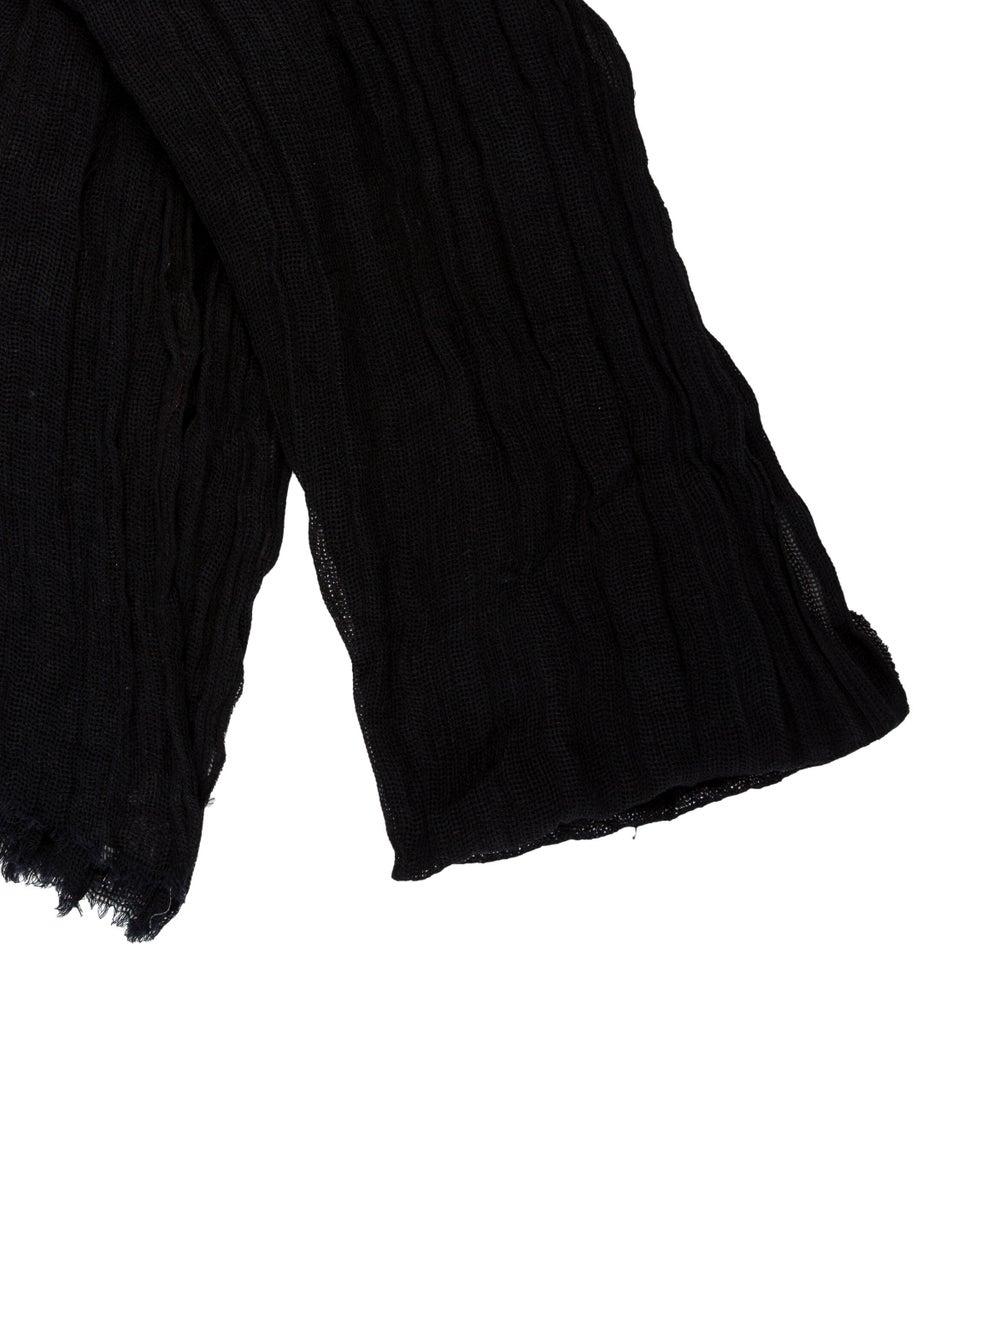 Dolce & Gabbana Knit Frayed Scarf Black - image 2